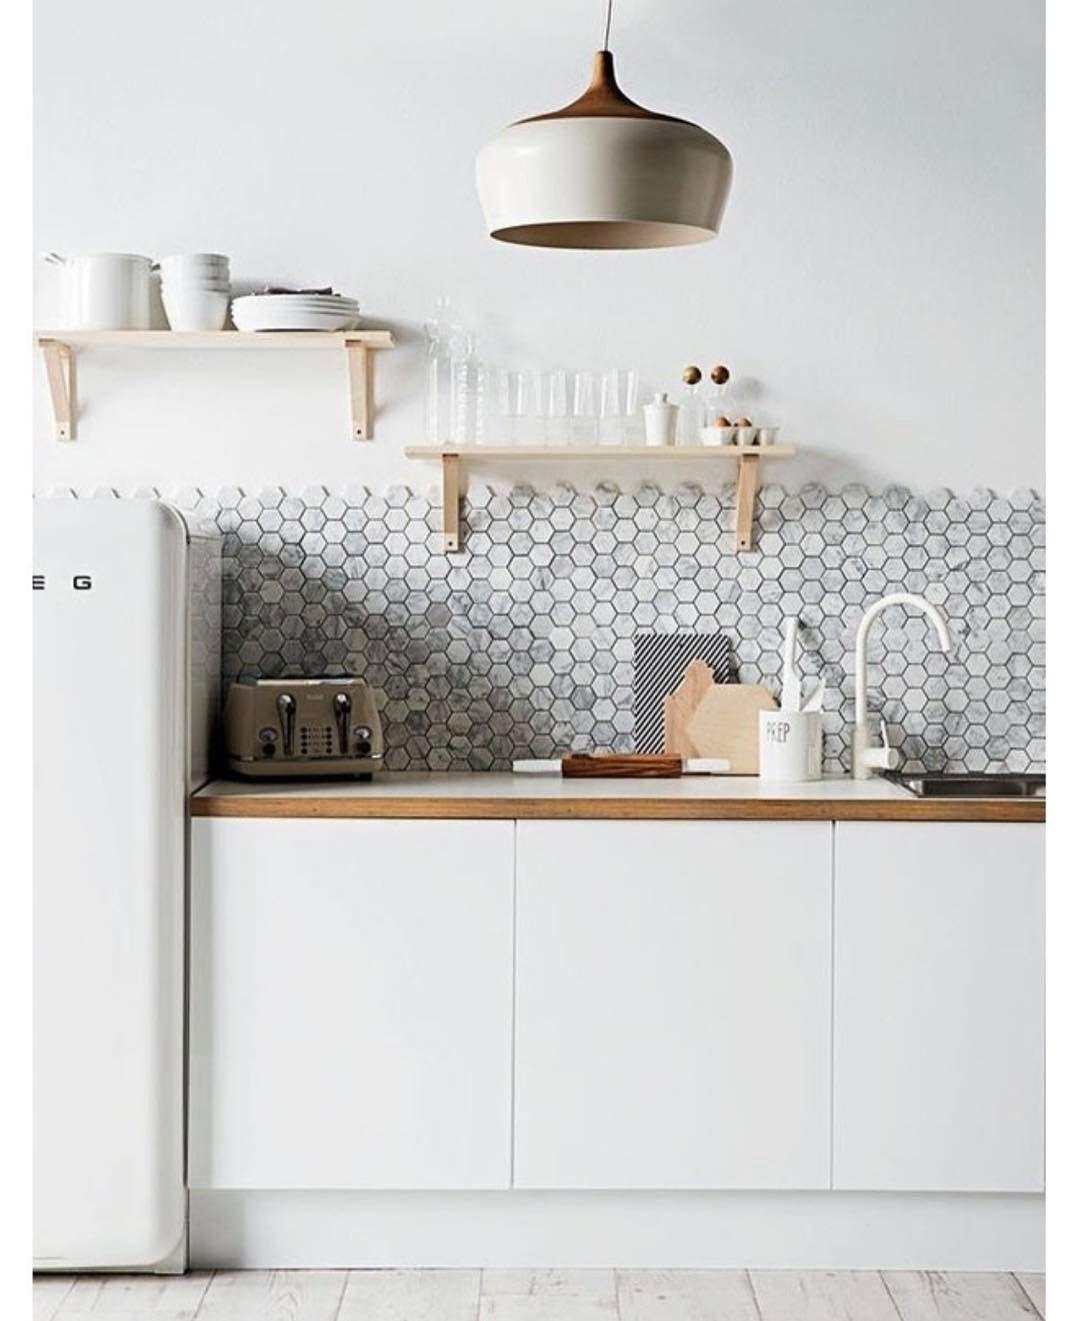 Porque o simples me atrai... E muito! #lardocedecor #decor #kitchen ...